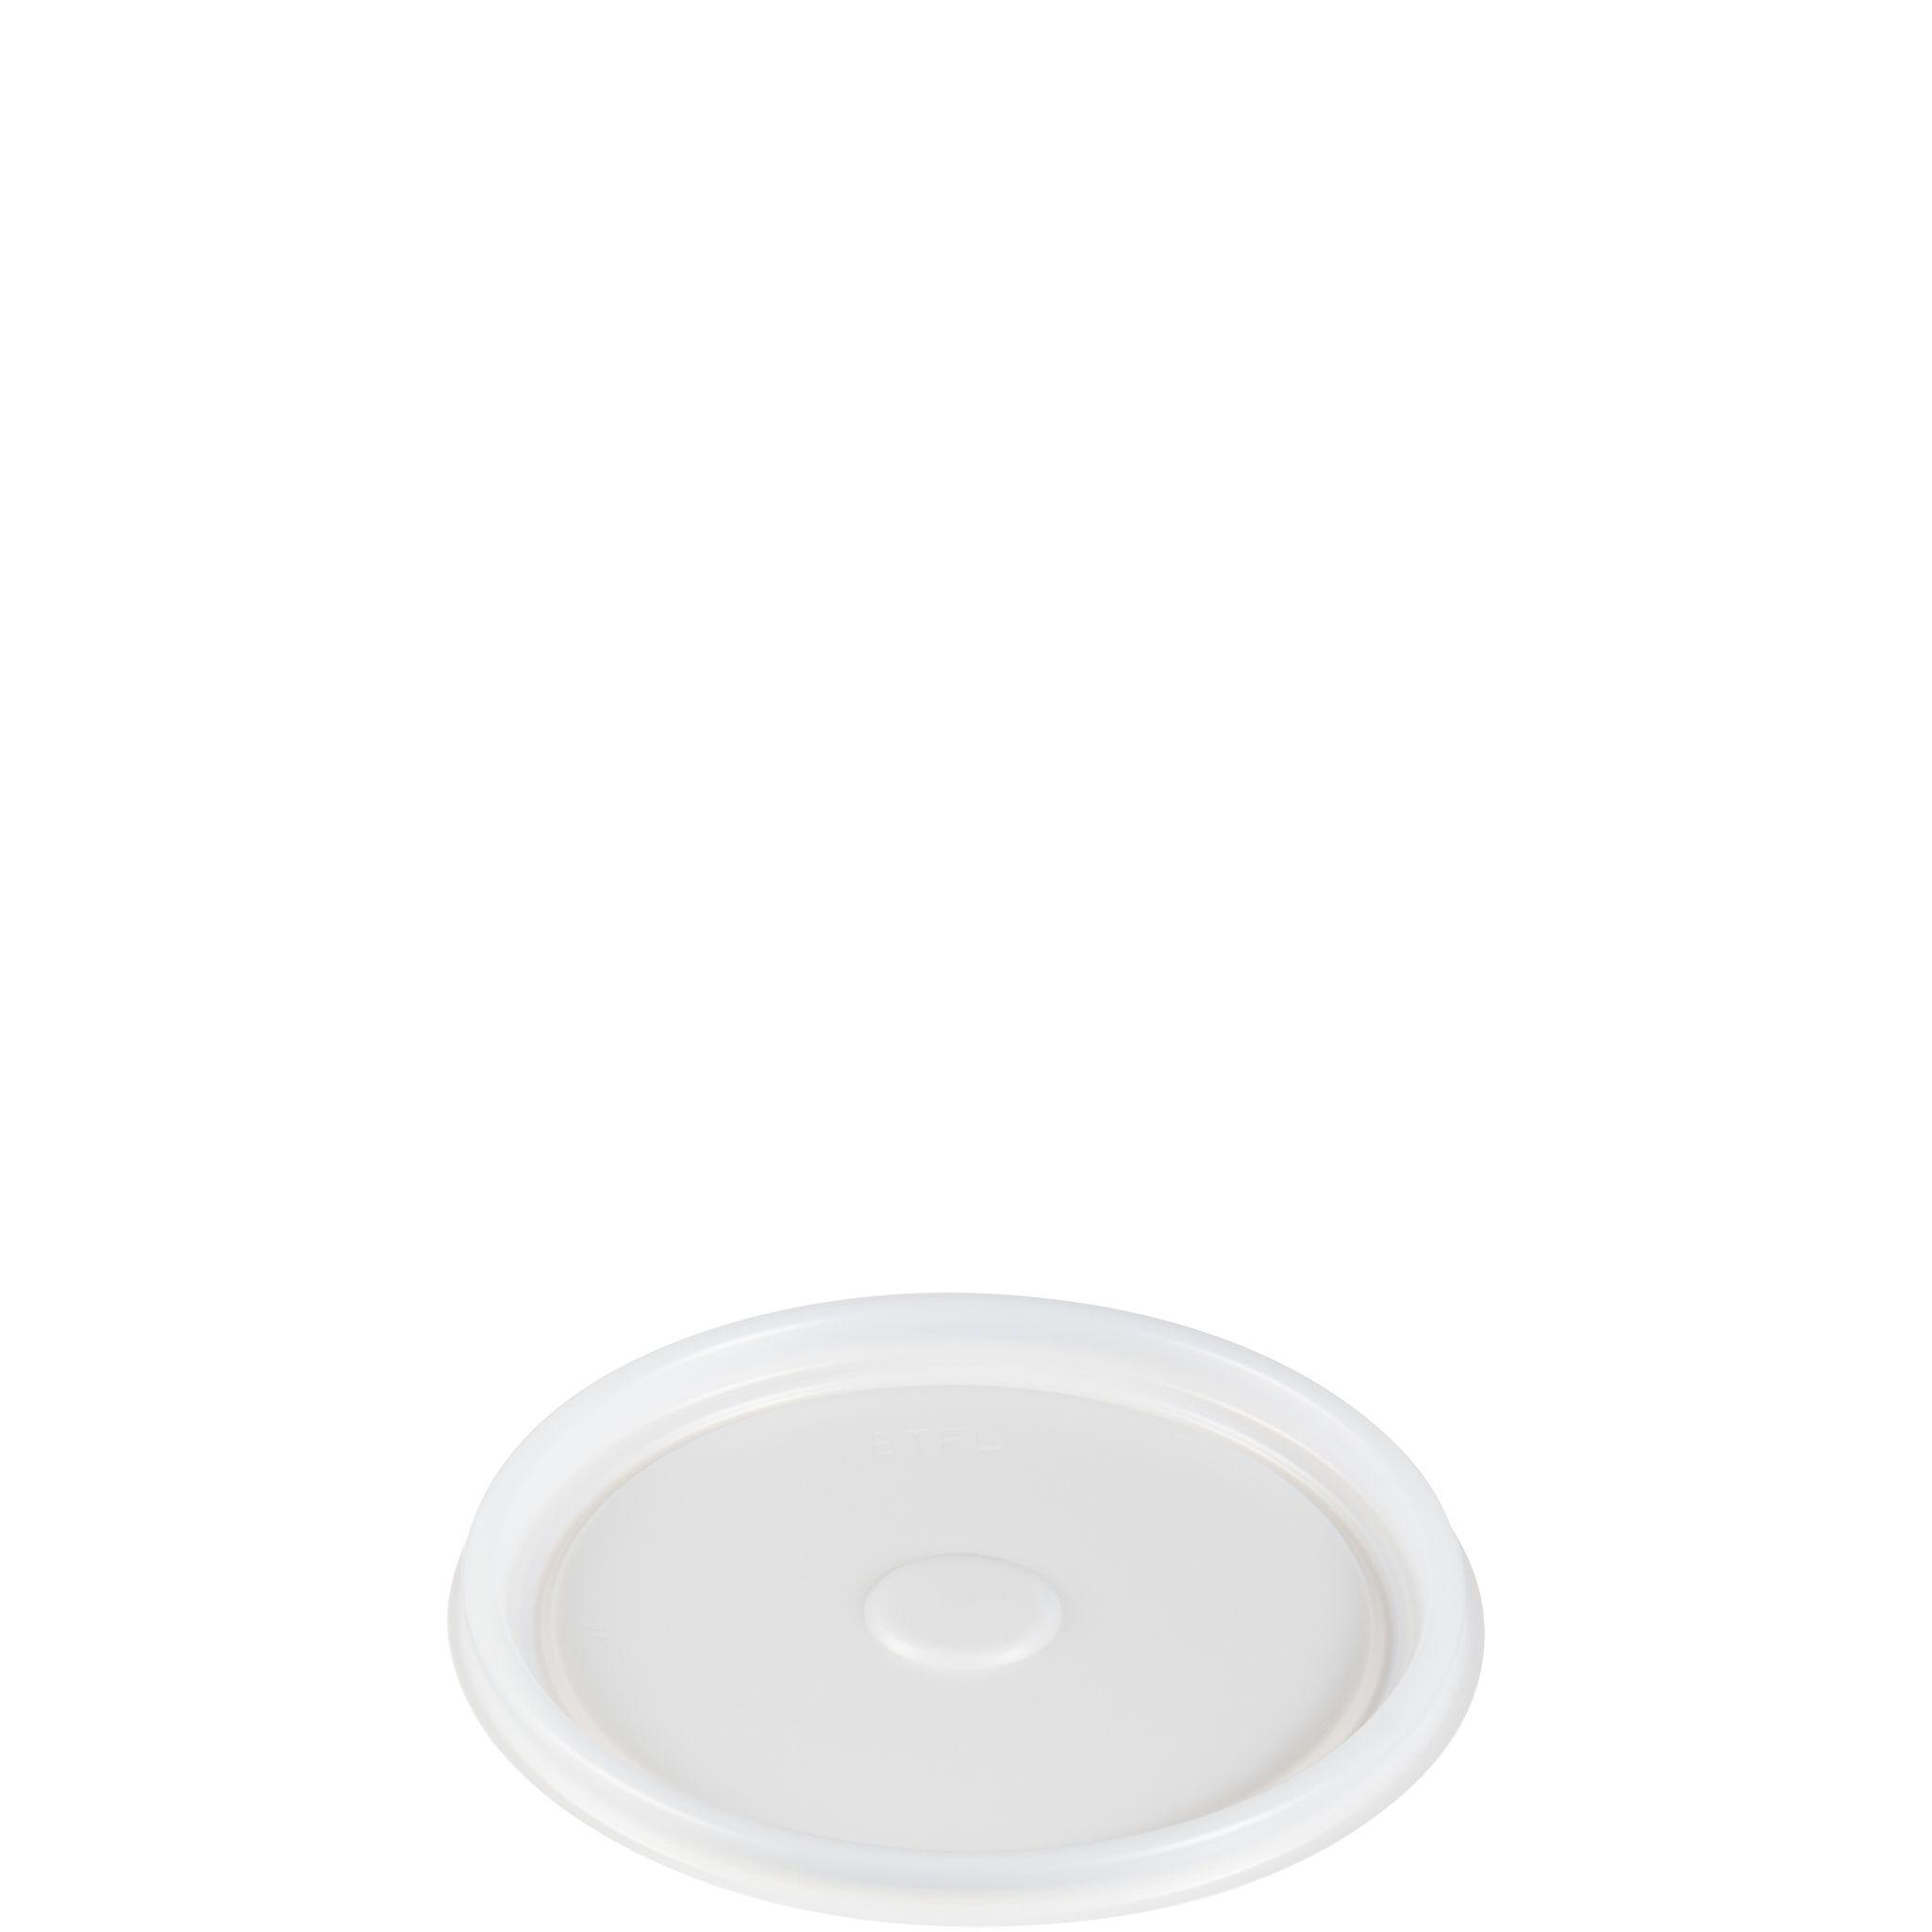 LID FLAT 8TFLNV-0090  (S308)